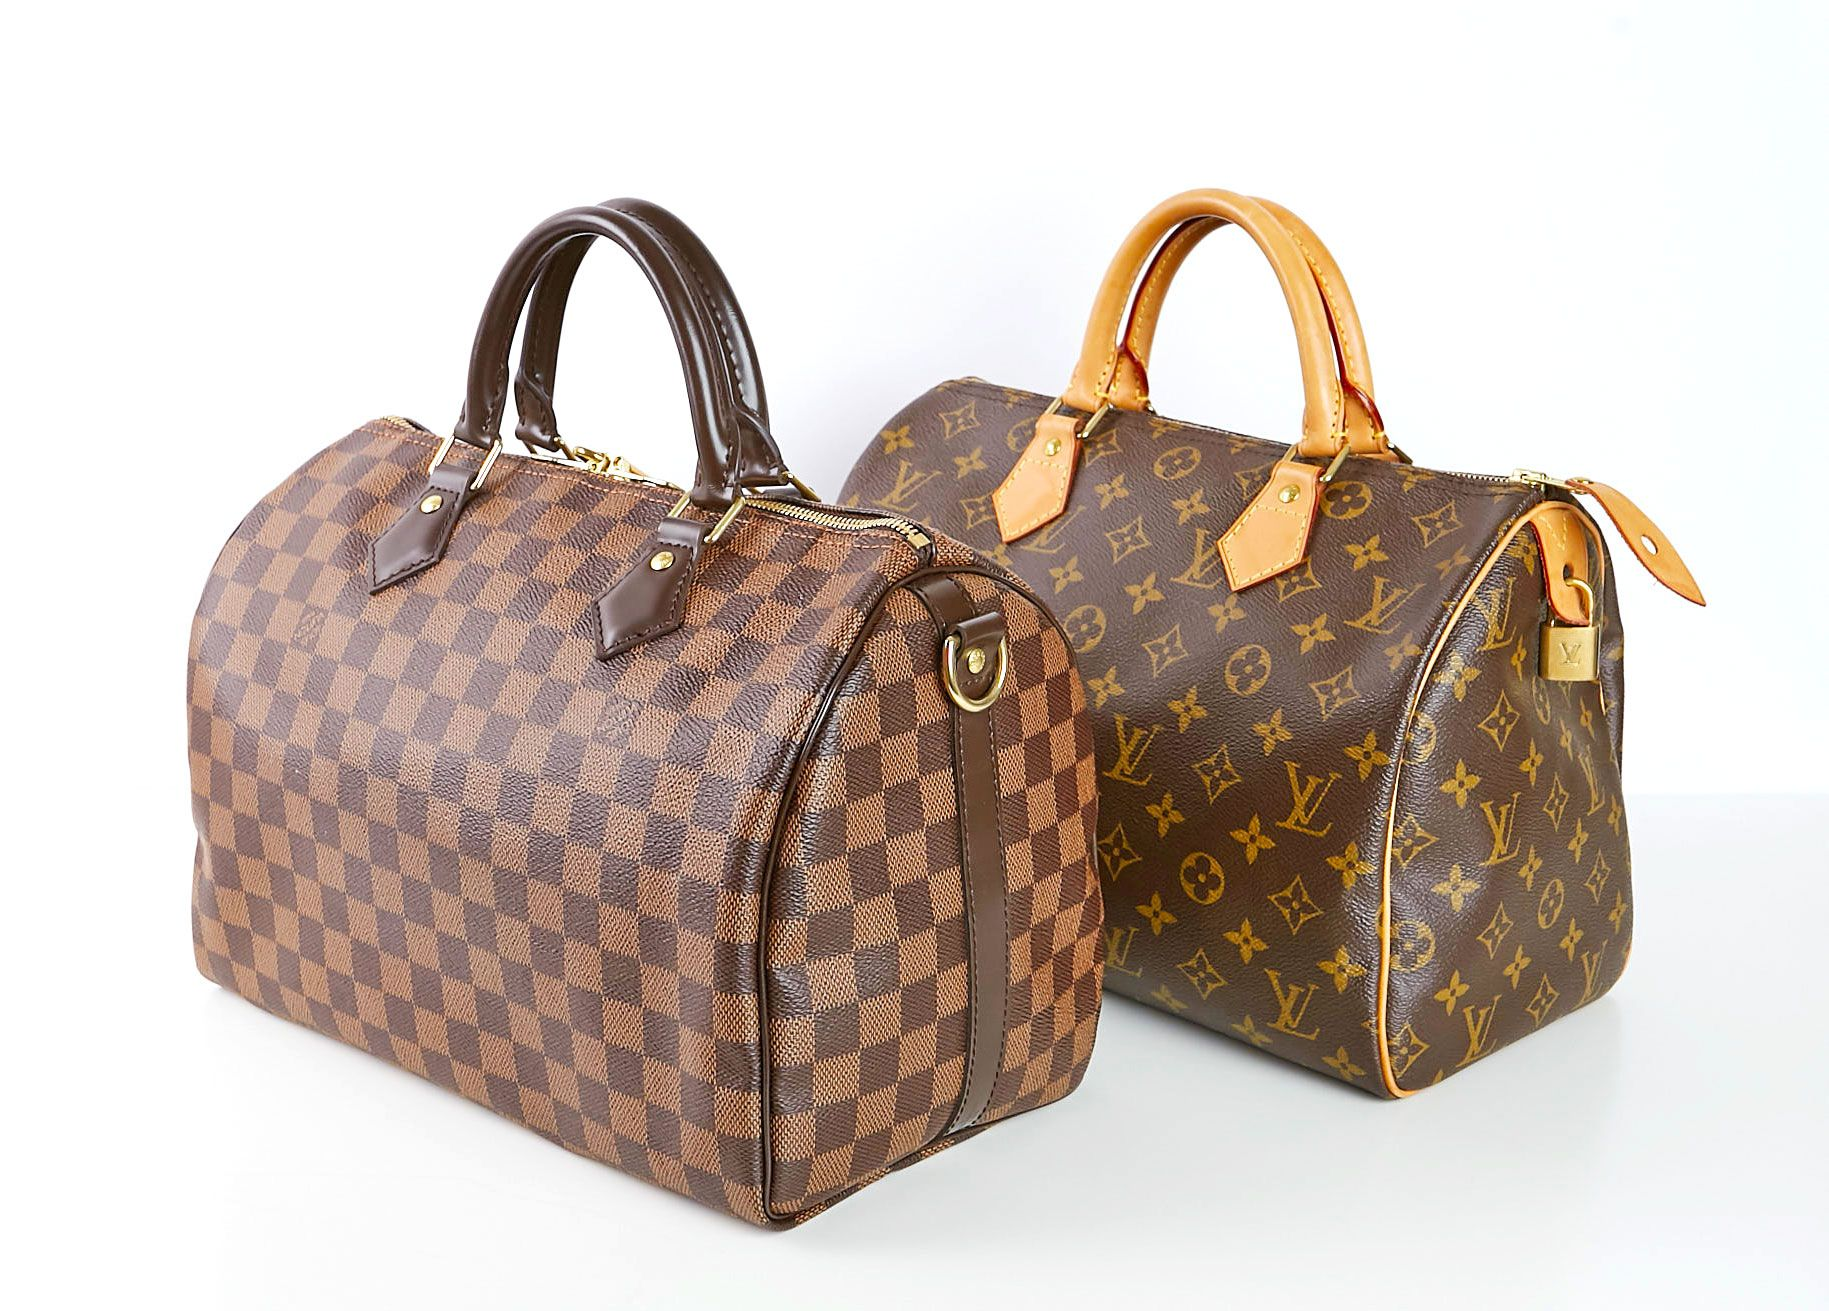 8e3e63151f Louis Vuitton Damier Ebene Speedy Bandouliere 30 and Louis Vuitton Monogram  Canvas Speedy 30 Bag | YoogisCloset.com